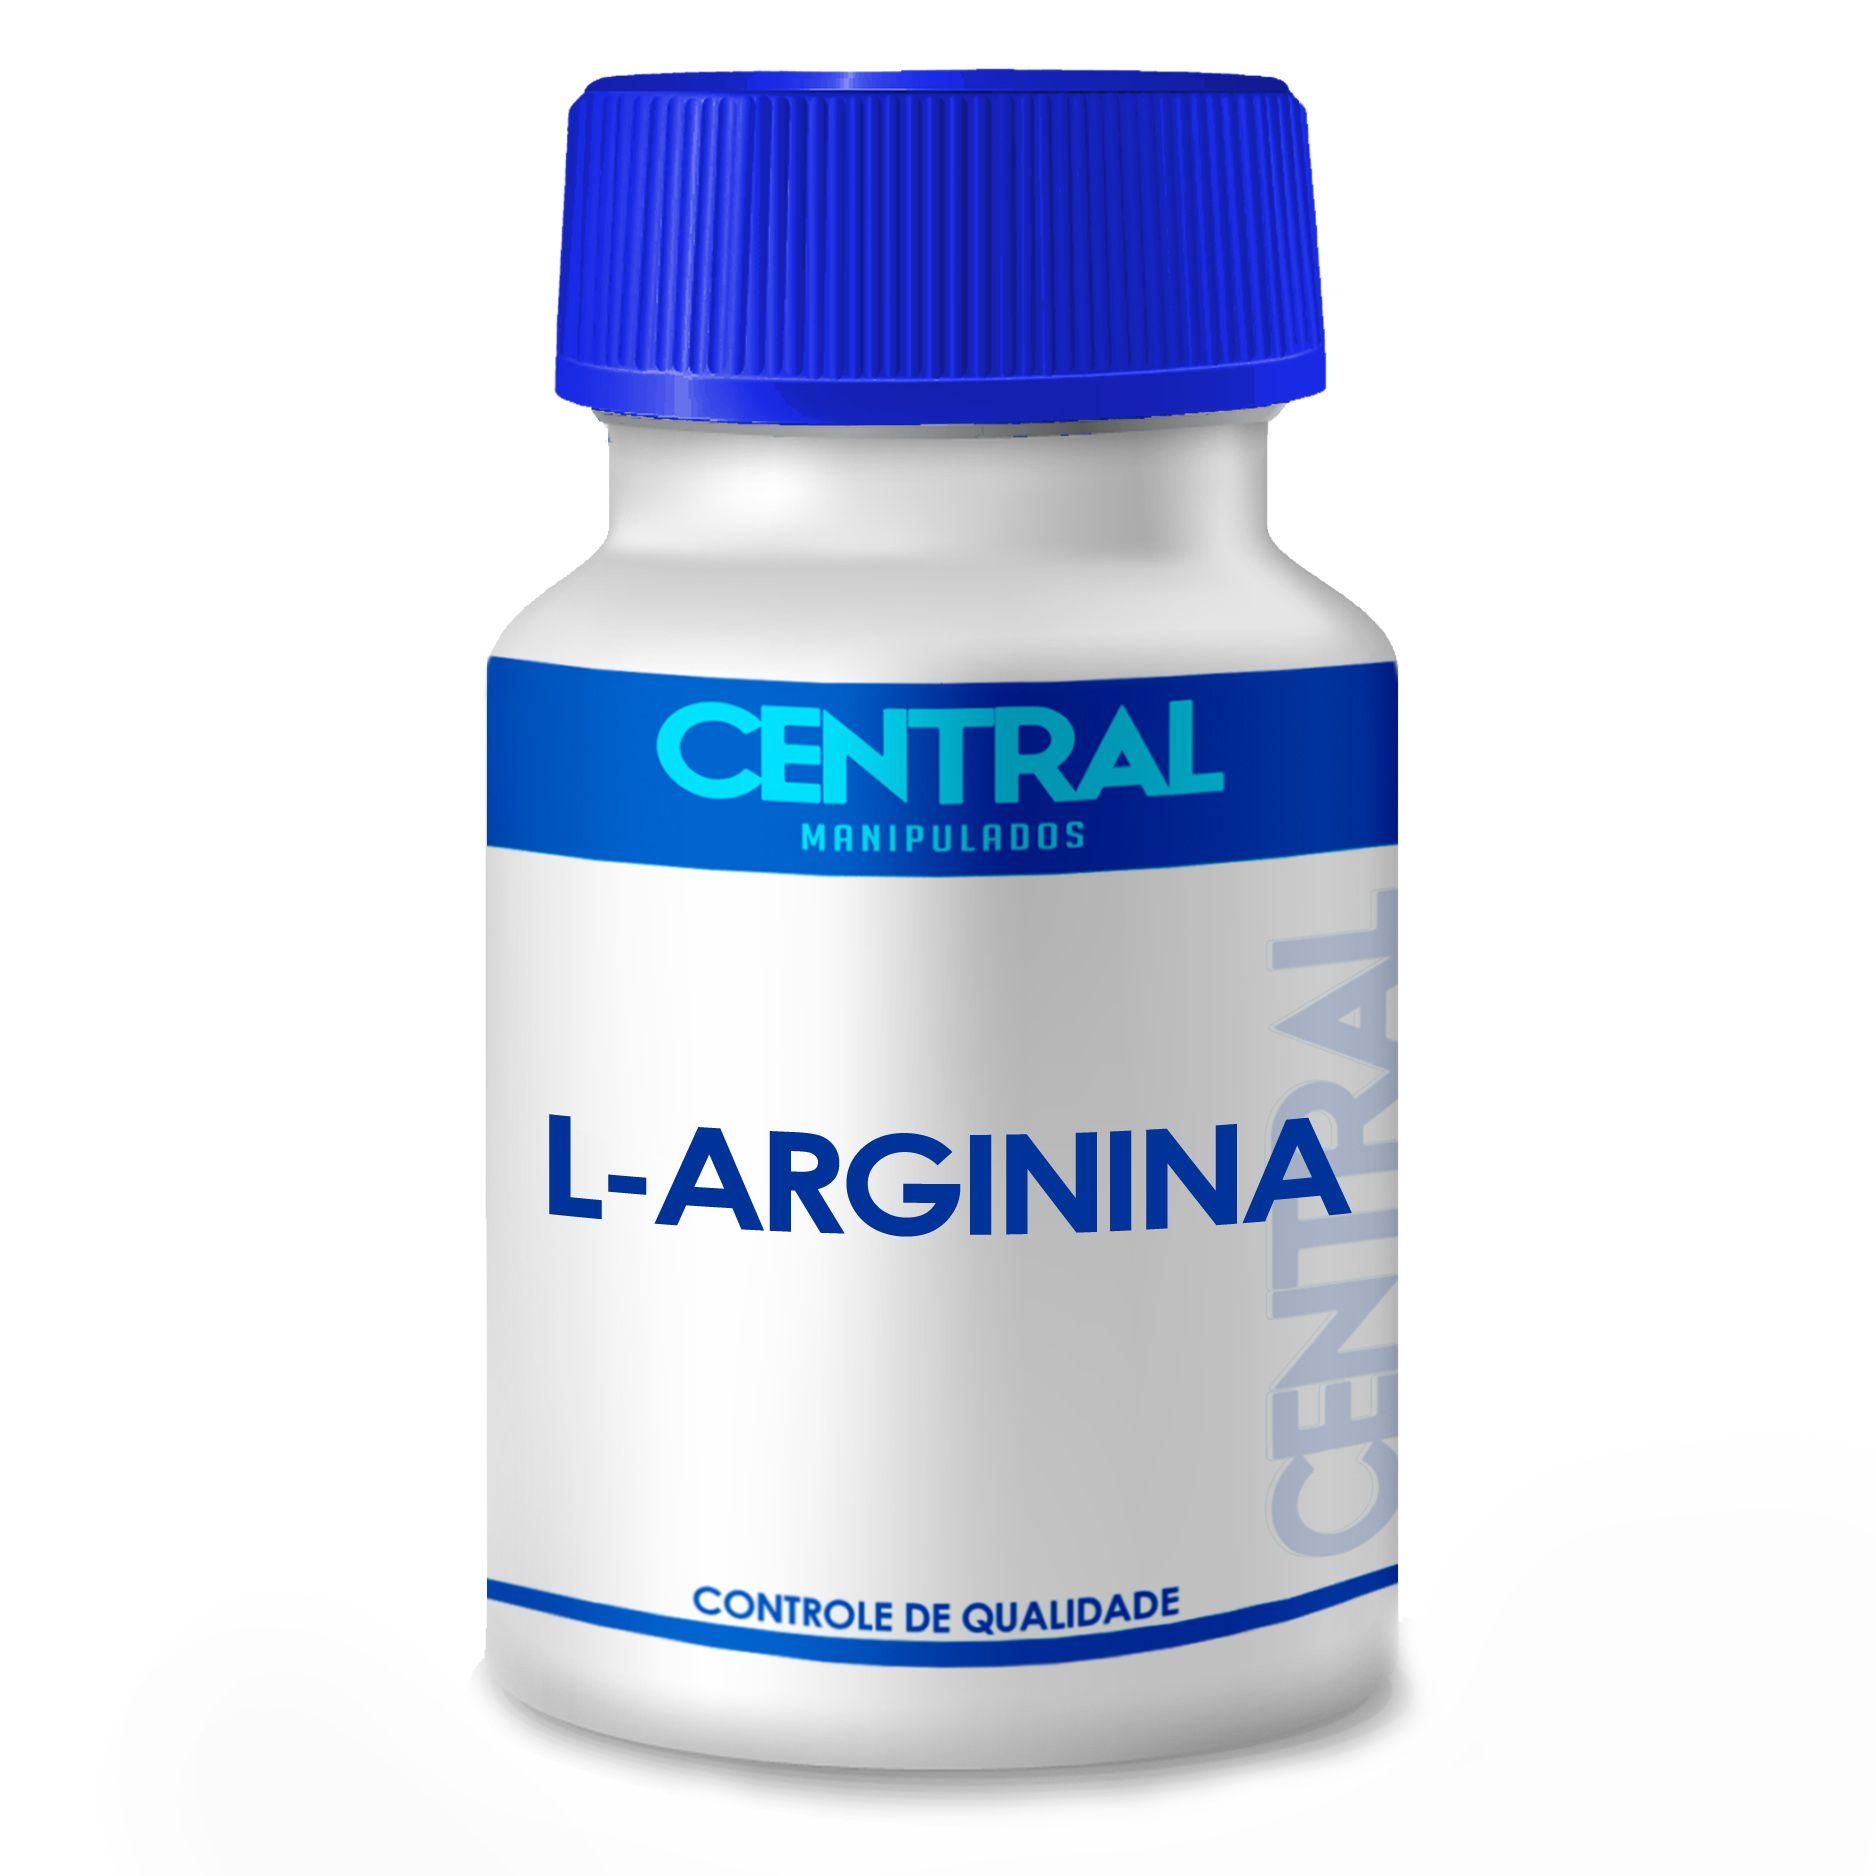 L-arginina - Pré Treino - 500mg 120 cápsulas